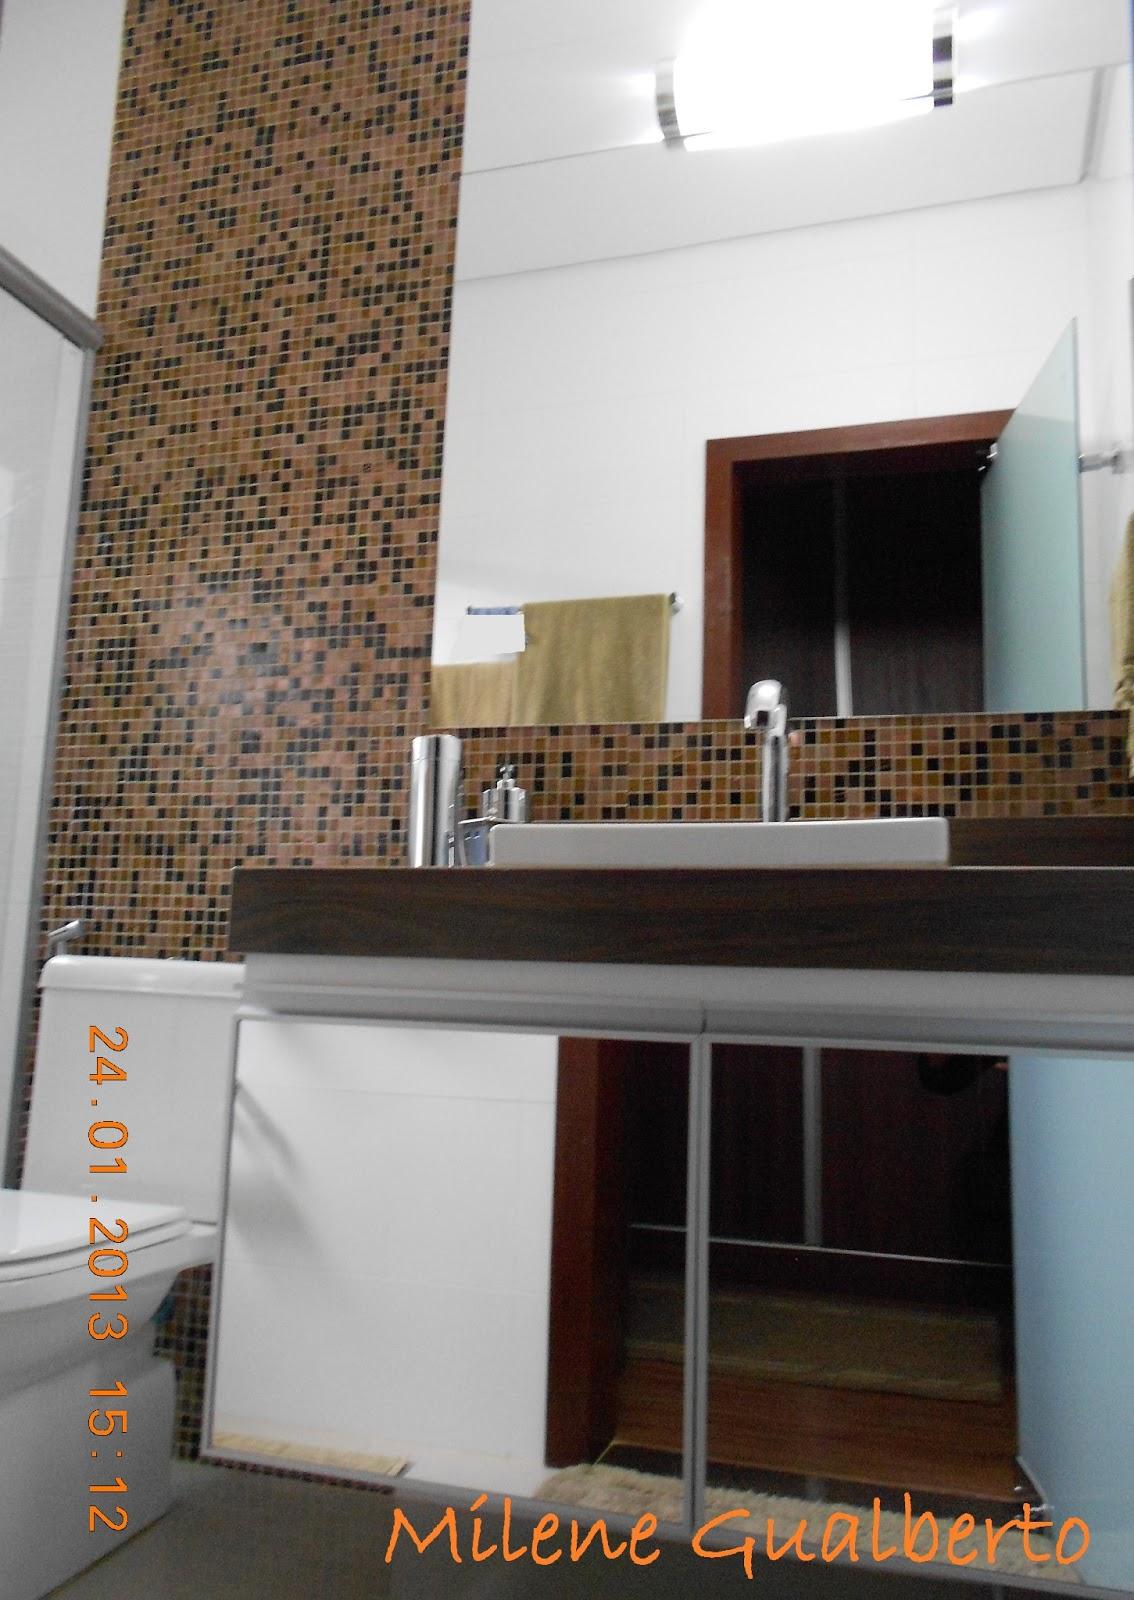 #A75C24 sexta feira 15 de fevereiro de 2013 1134x1600 px bancada e cuba para banheiro @ bernauer.info Móveis Antigos Novos E Usados Online